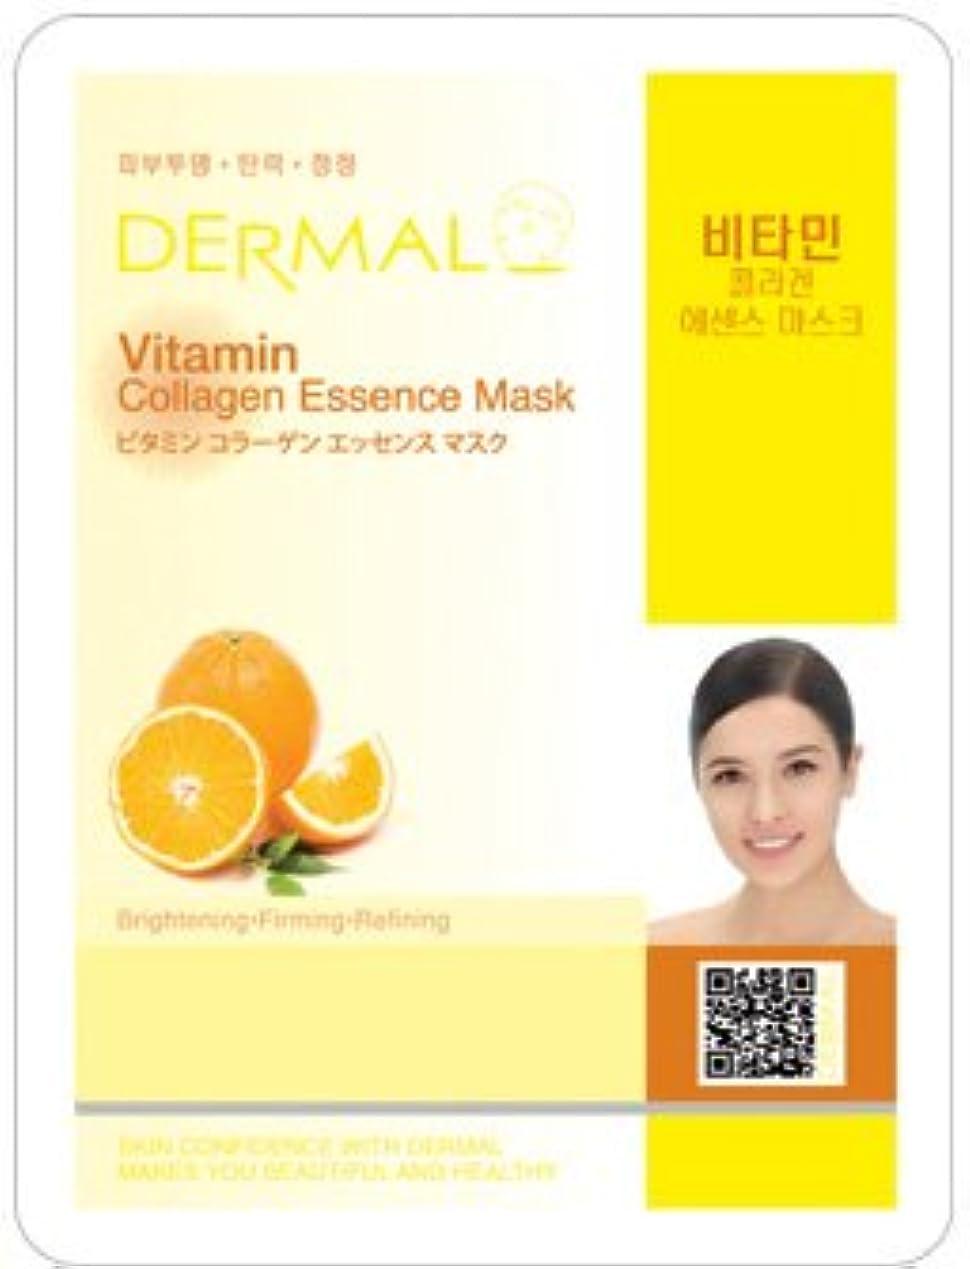 見えるモンク典型的なDermal(ダーマル) シートマスク ビタミン 10枚セット